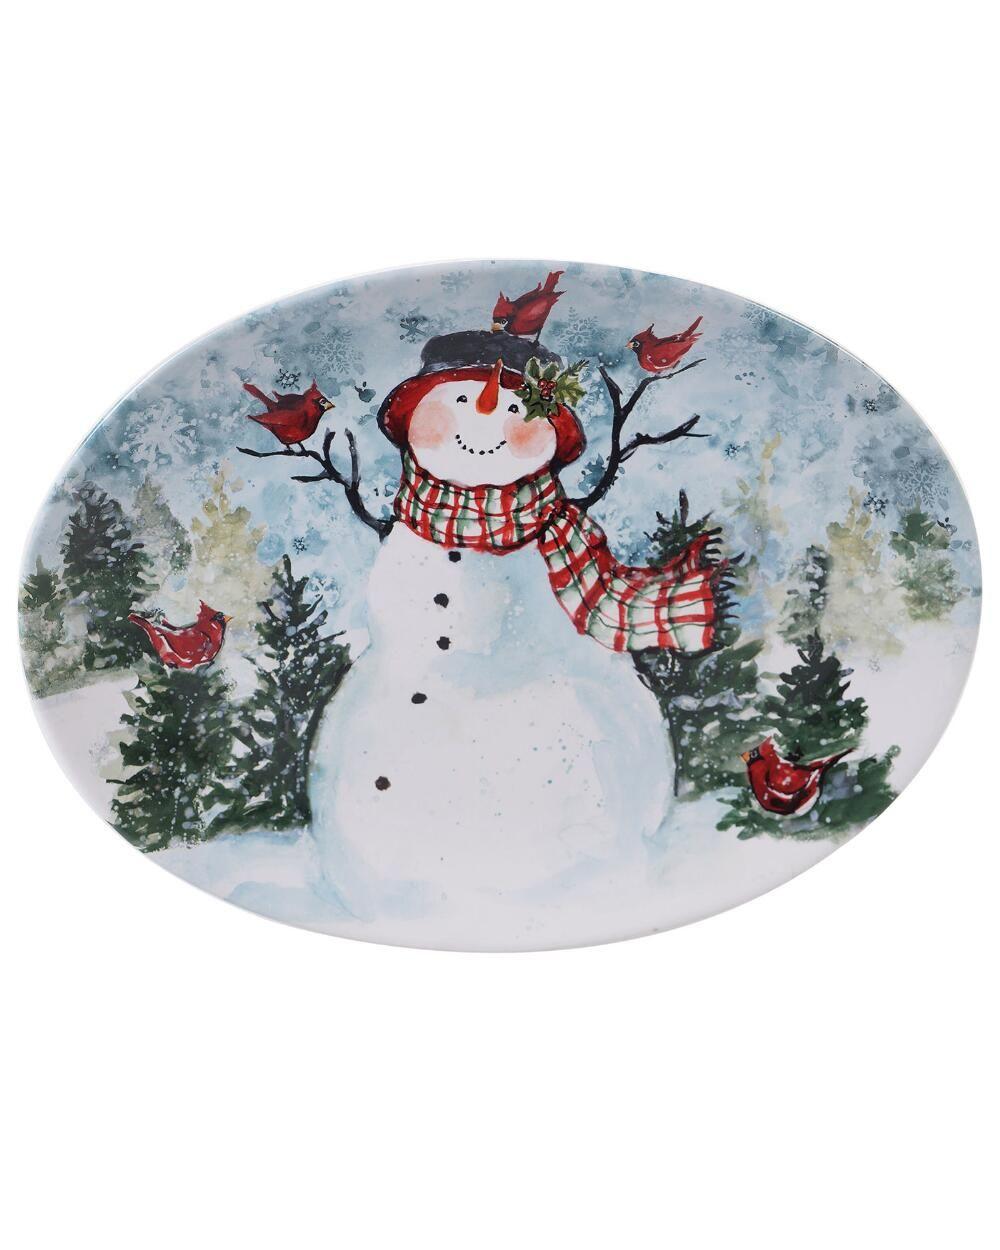 16 watercolor snowman oval platter snowman earthenware